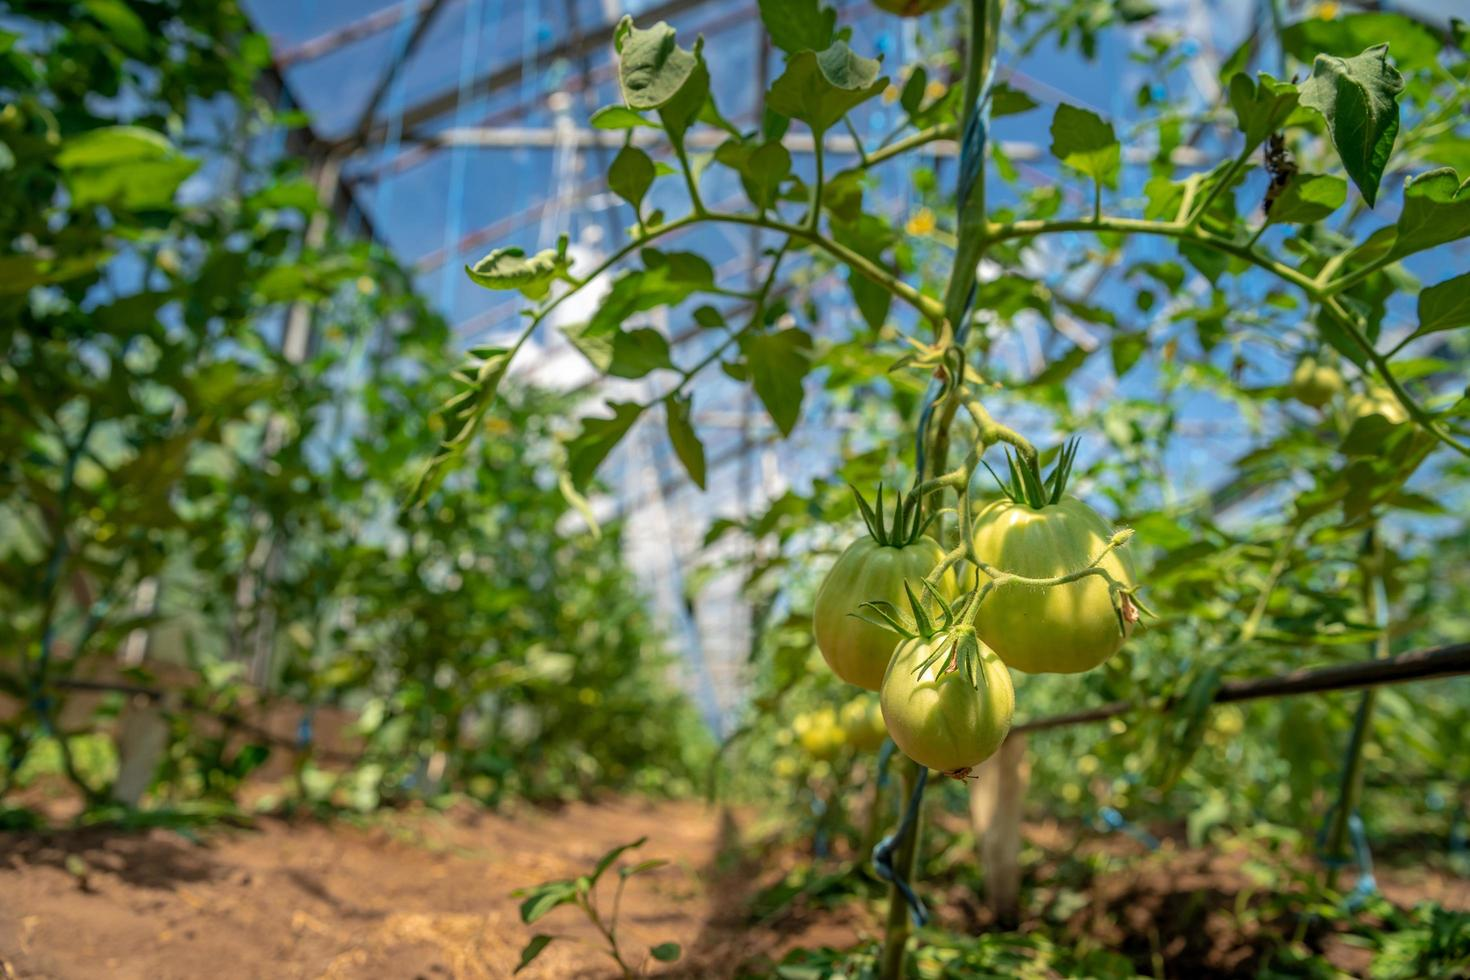 tomates suspendues en plein soleil en serre photo